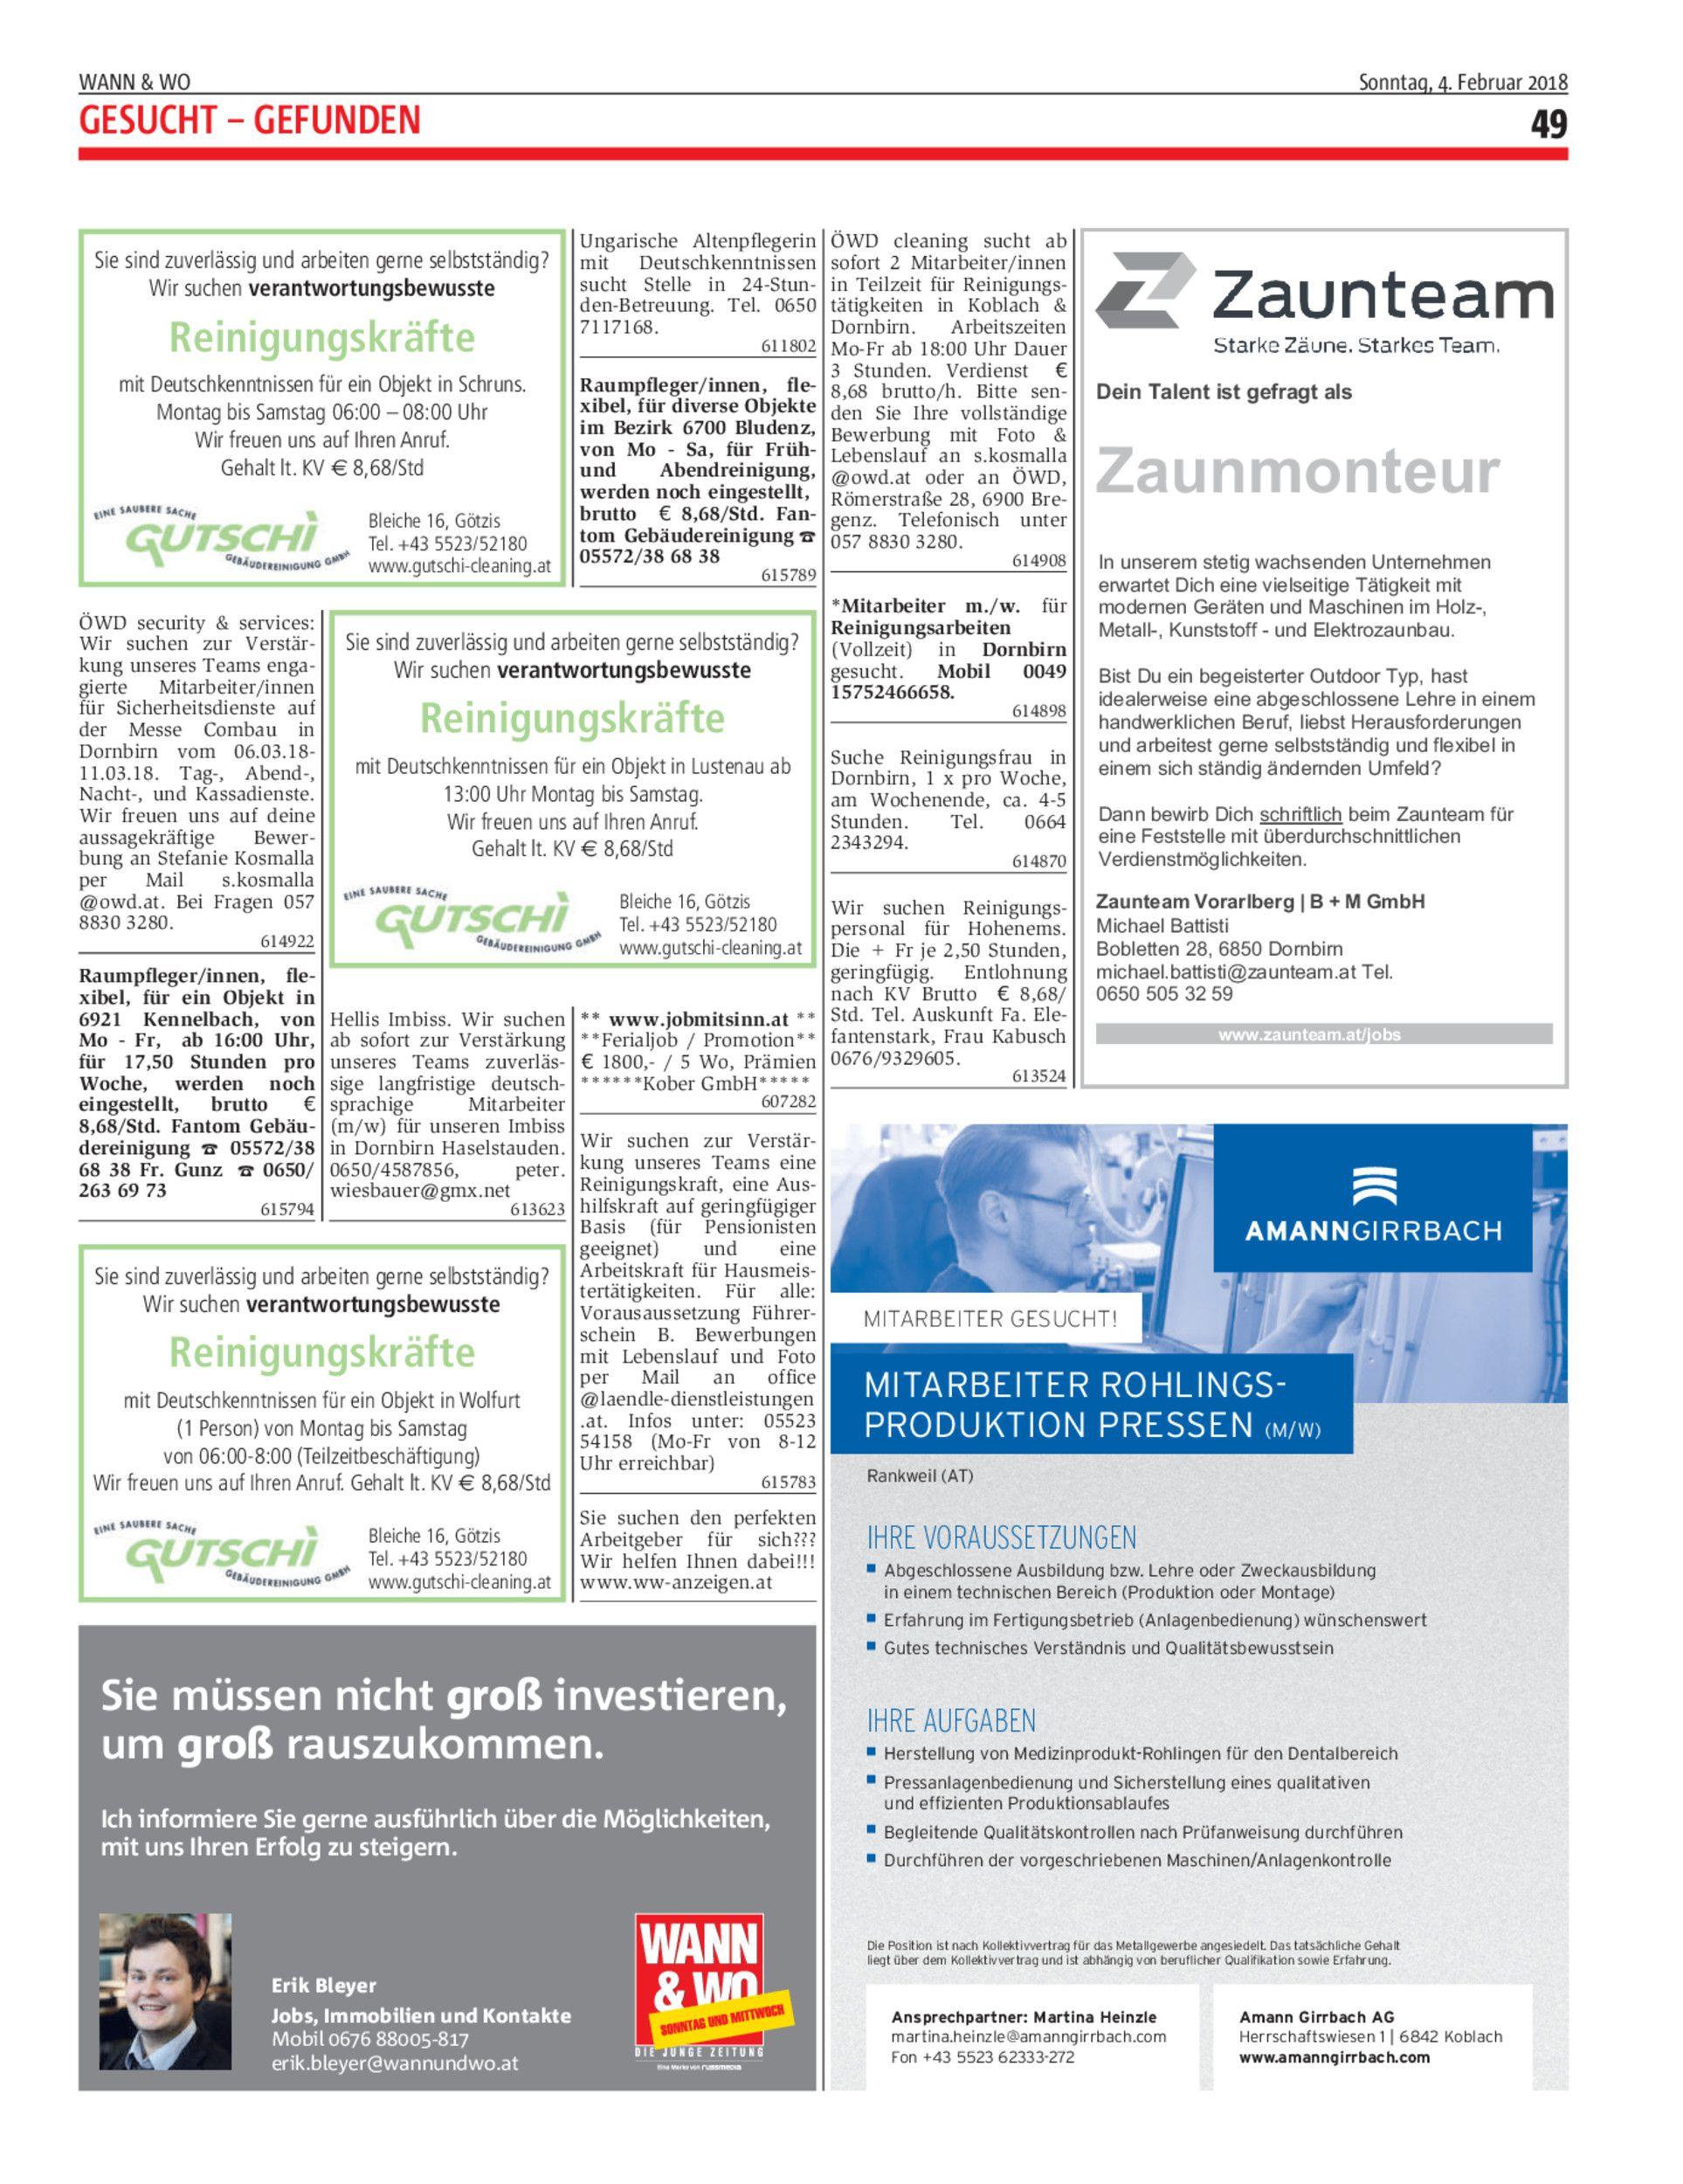 Großzügig Kundenservice Zusammenfassung Der Qualifikationen Ideen ...